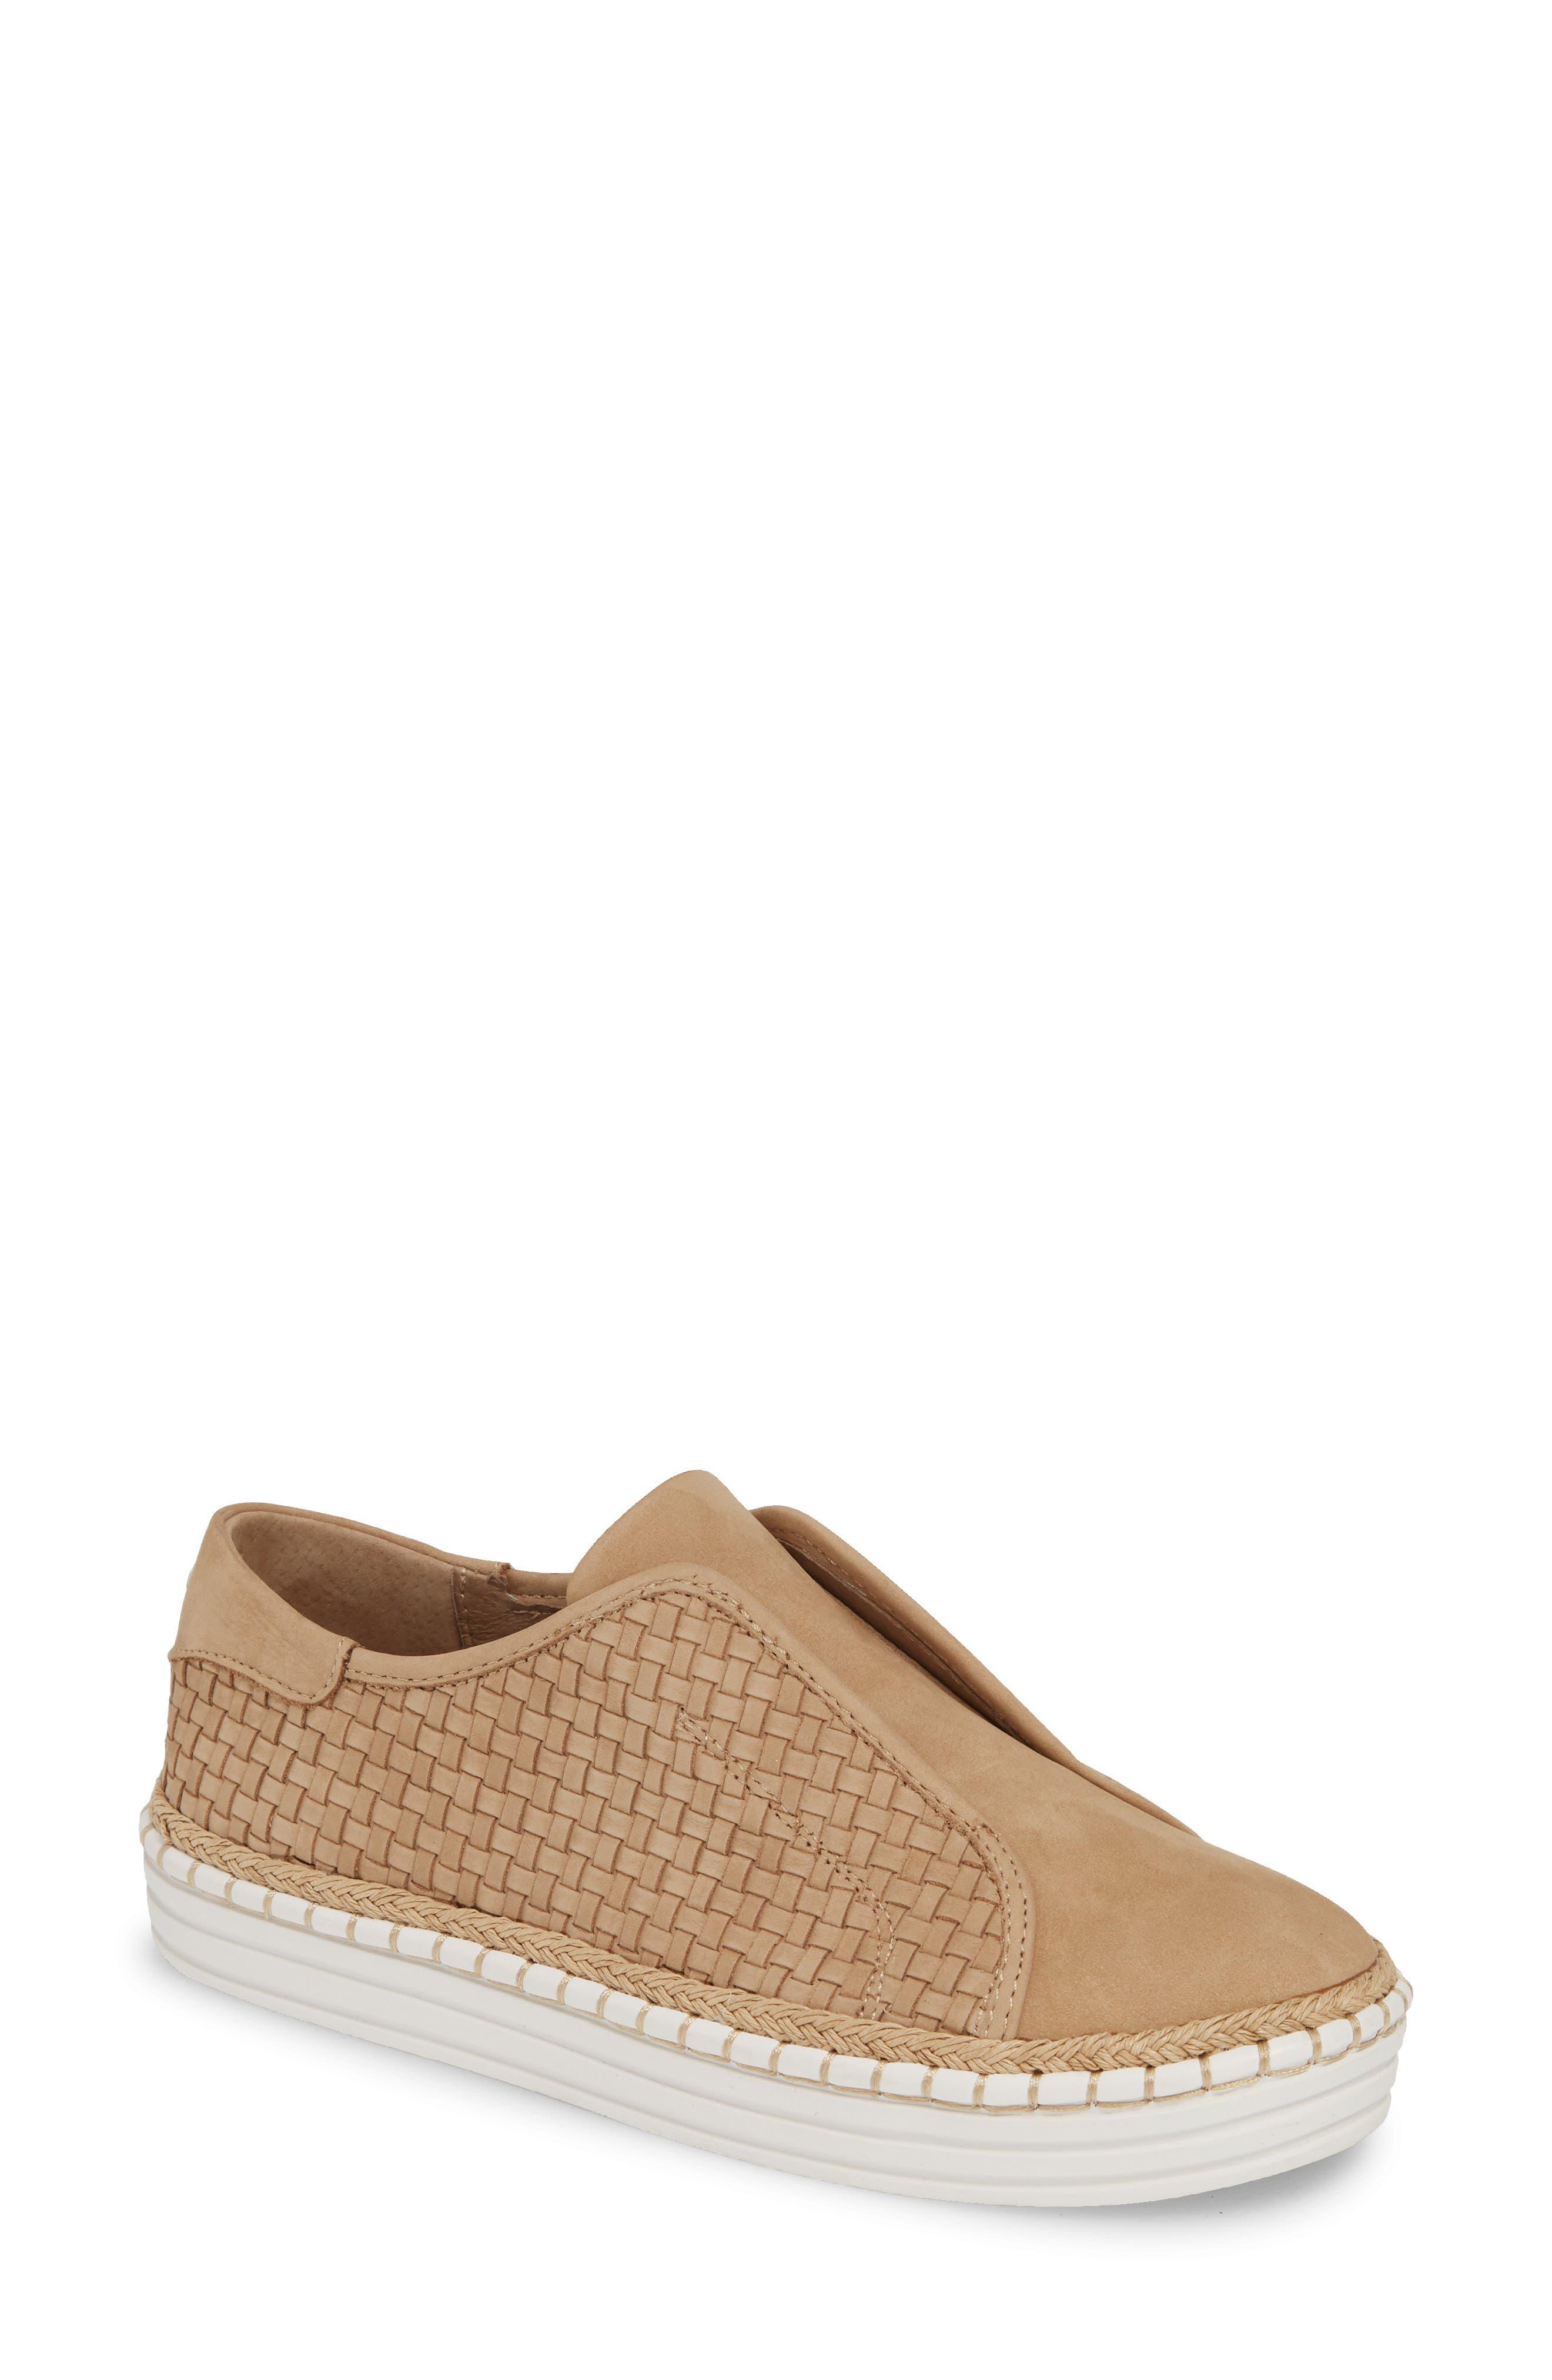 Jslides Kayla Slip-On Sneaker, Brown